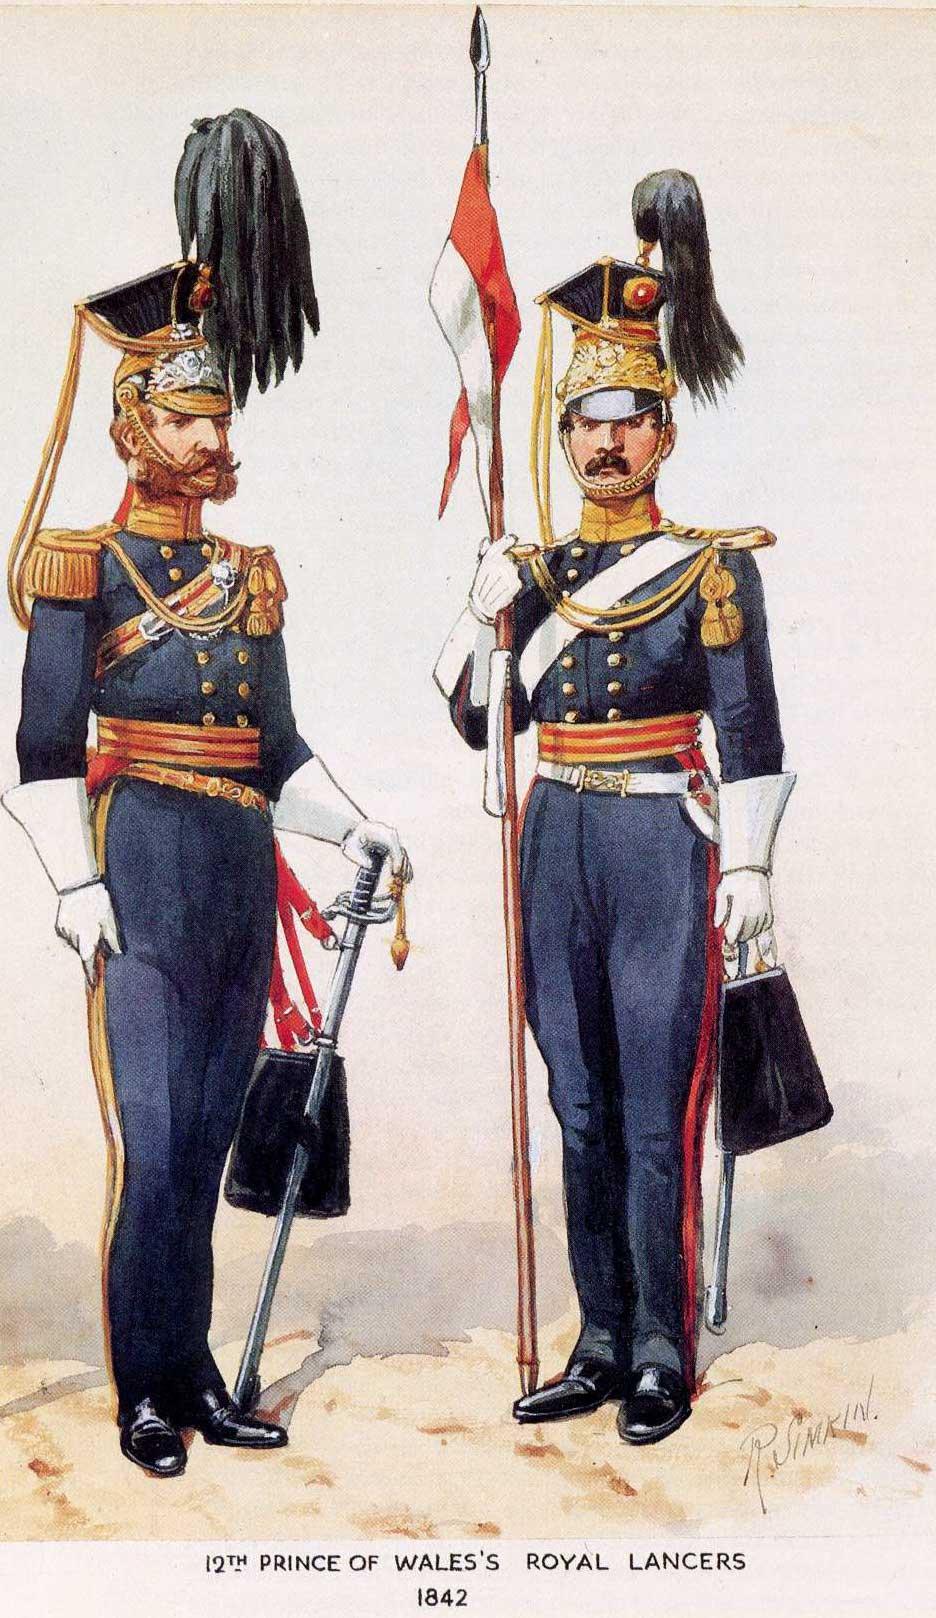 Офицер (слева) и рядовой 12 уланского полка в полной униформе, 1842 год.